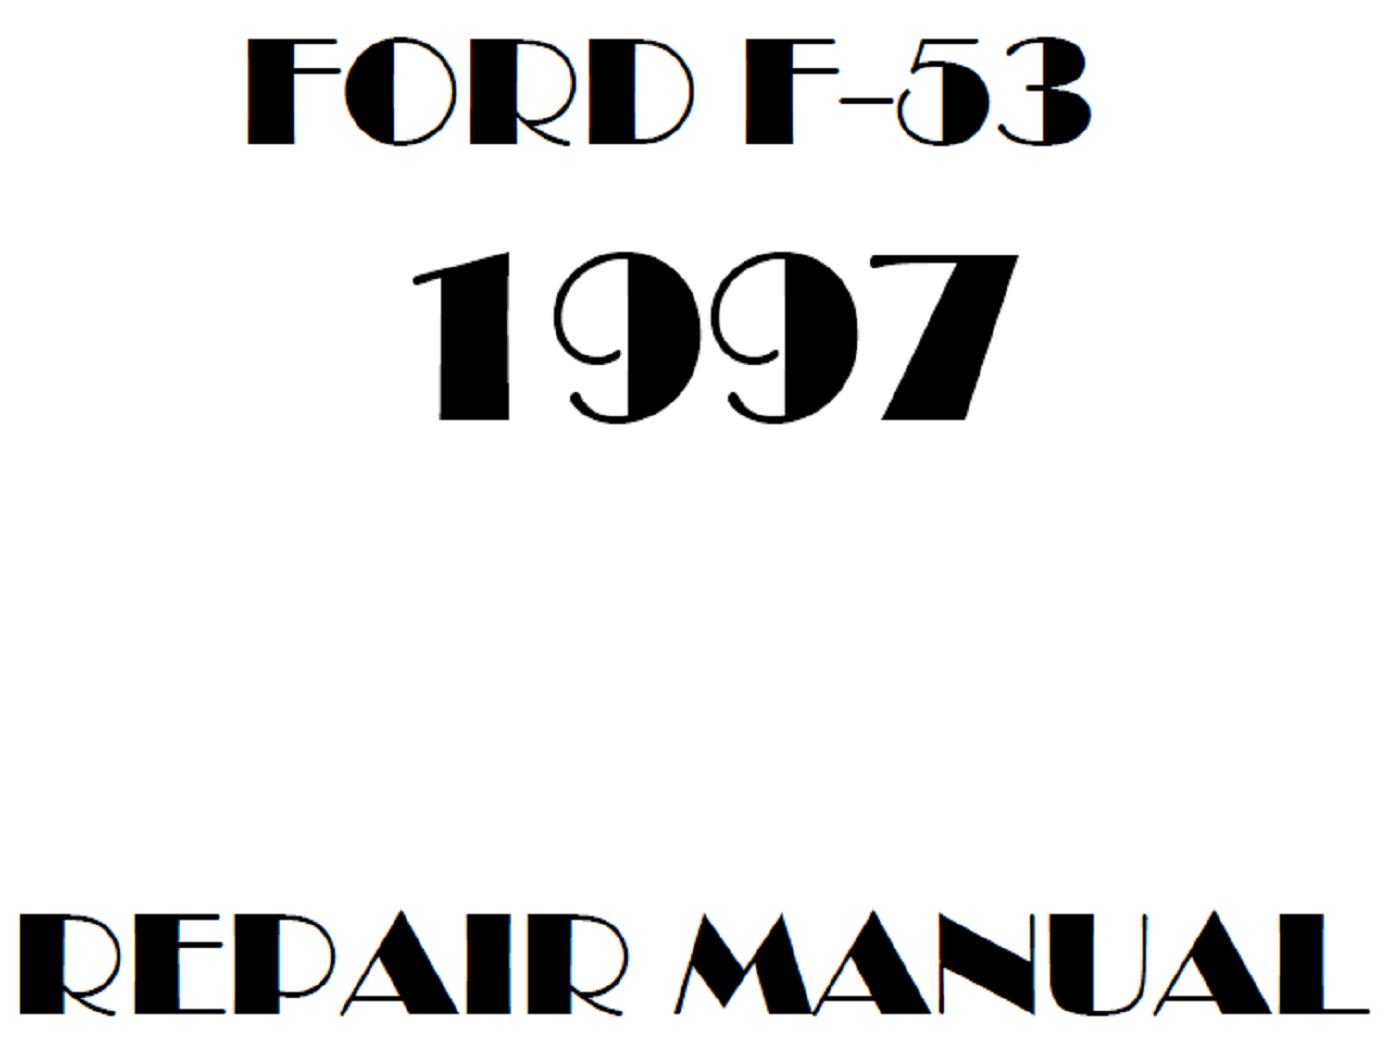 1997 Ford F53 repair manual